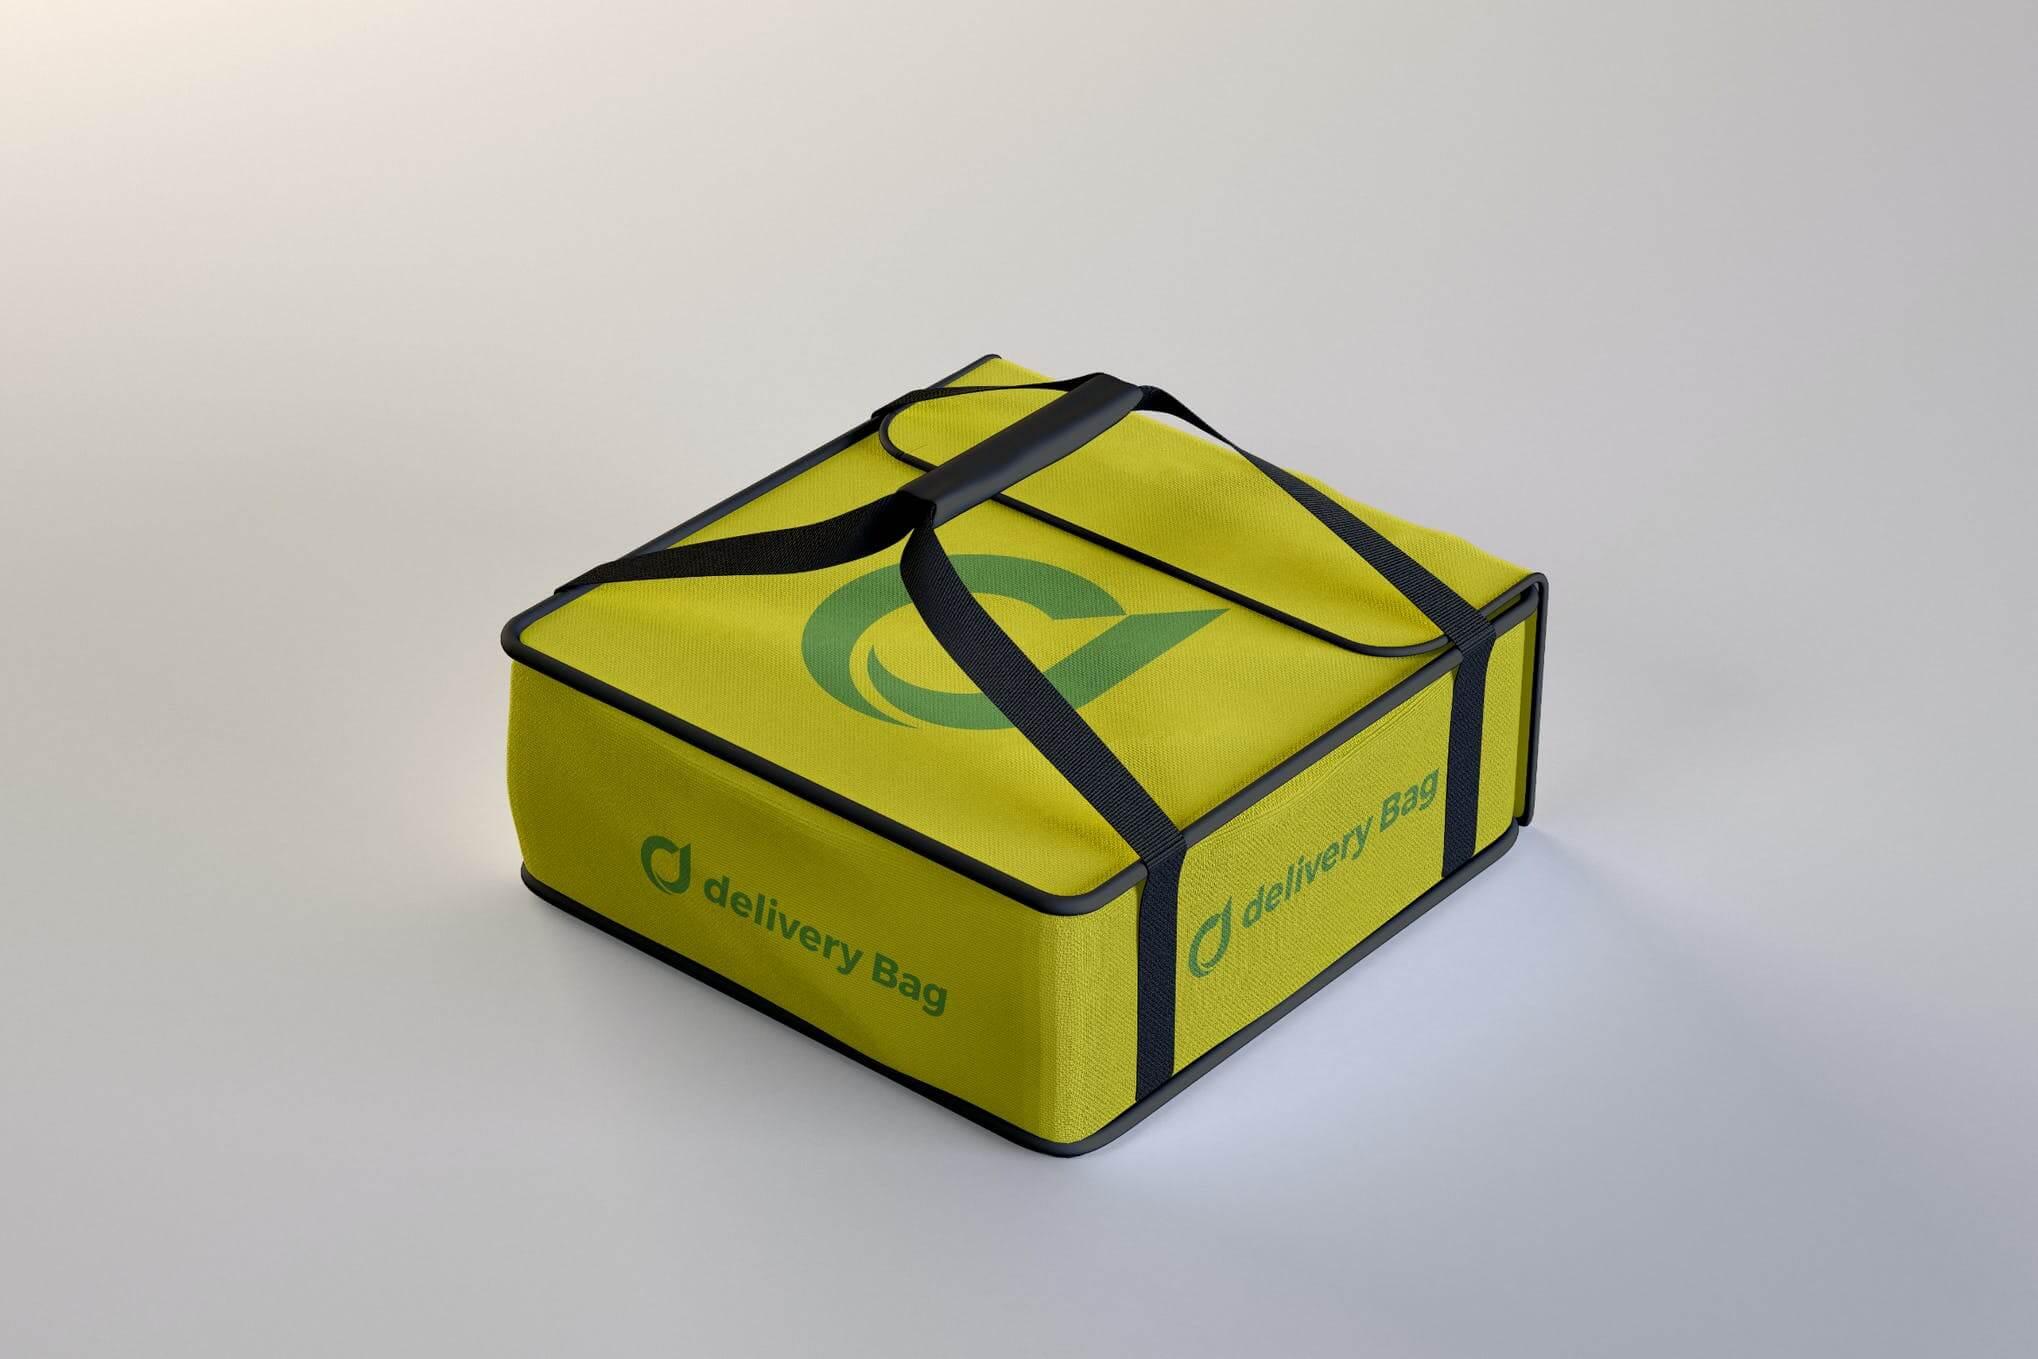 Pizza Delivery Bag Mockup (1)